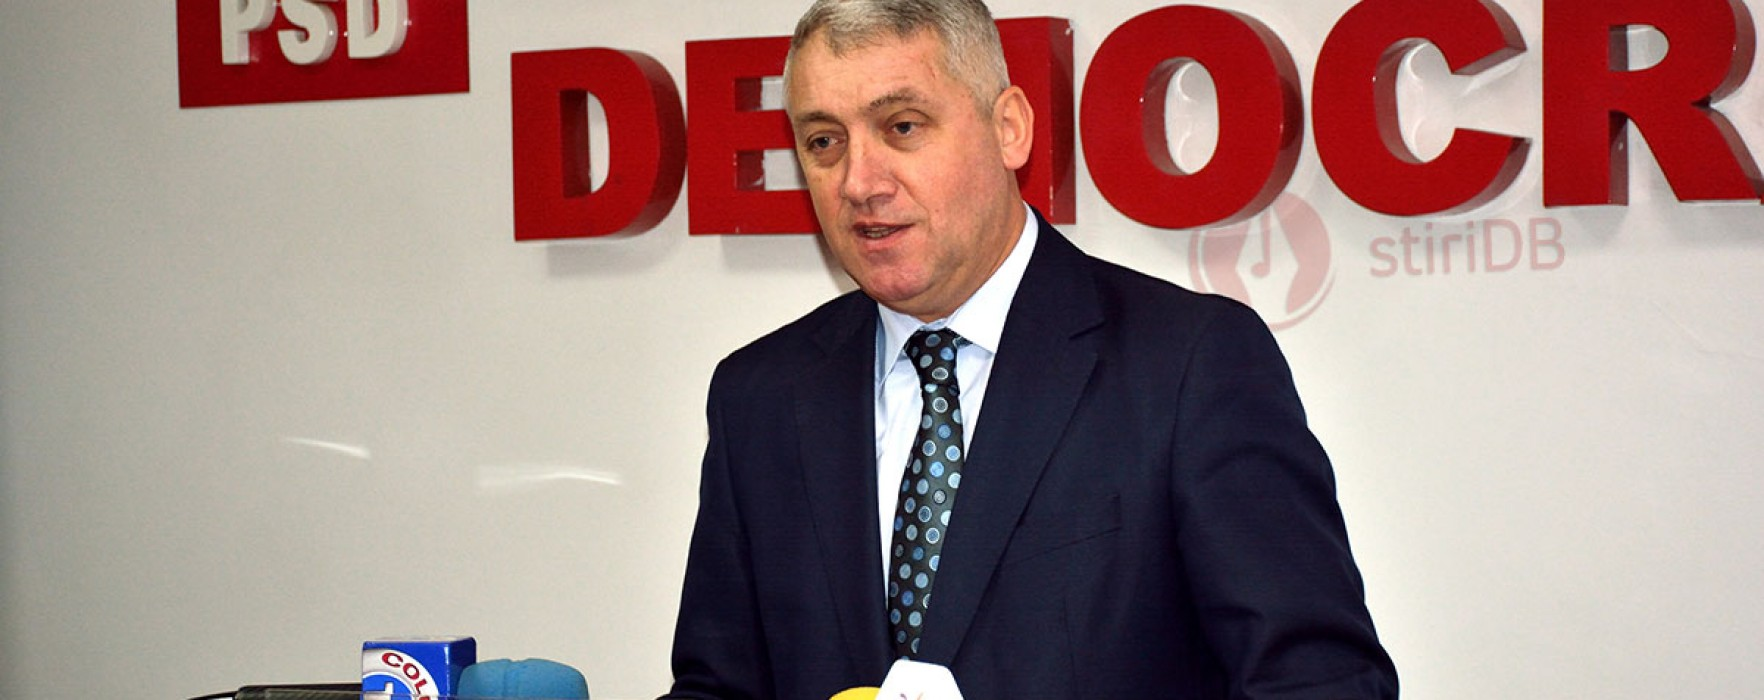 Adrian Ţuţuianu: Voi propune ca după jumătatea mandatului să nu se mai organizeze alegeri parţiale